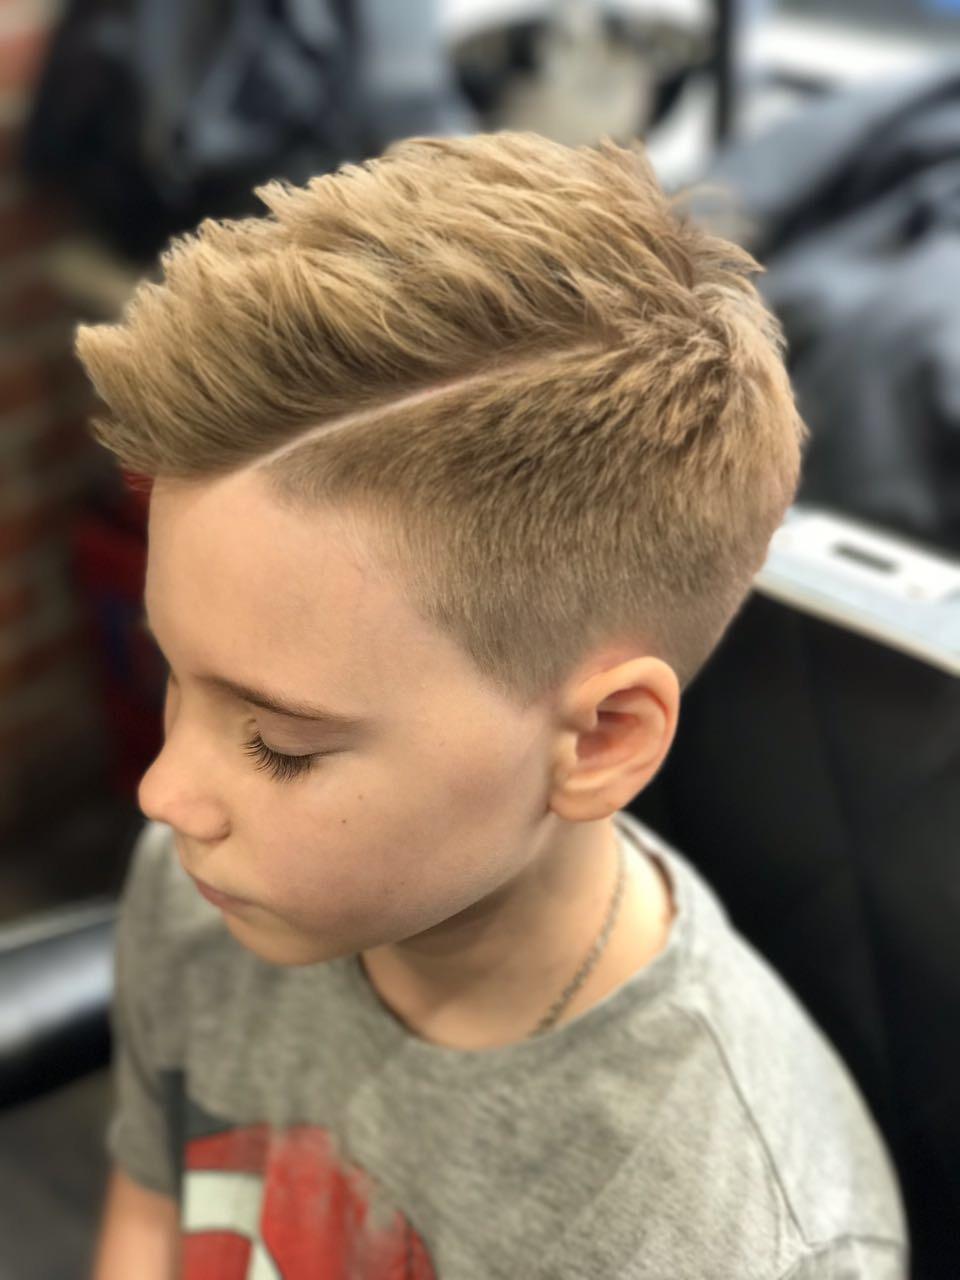 Прически для мальчиков 10-12 лет (30 фото) - Для Роста Волос